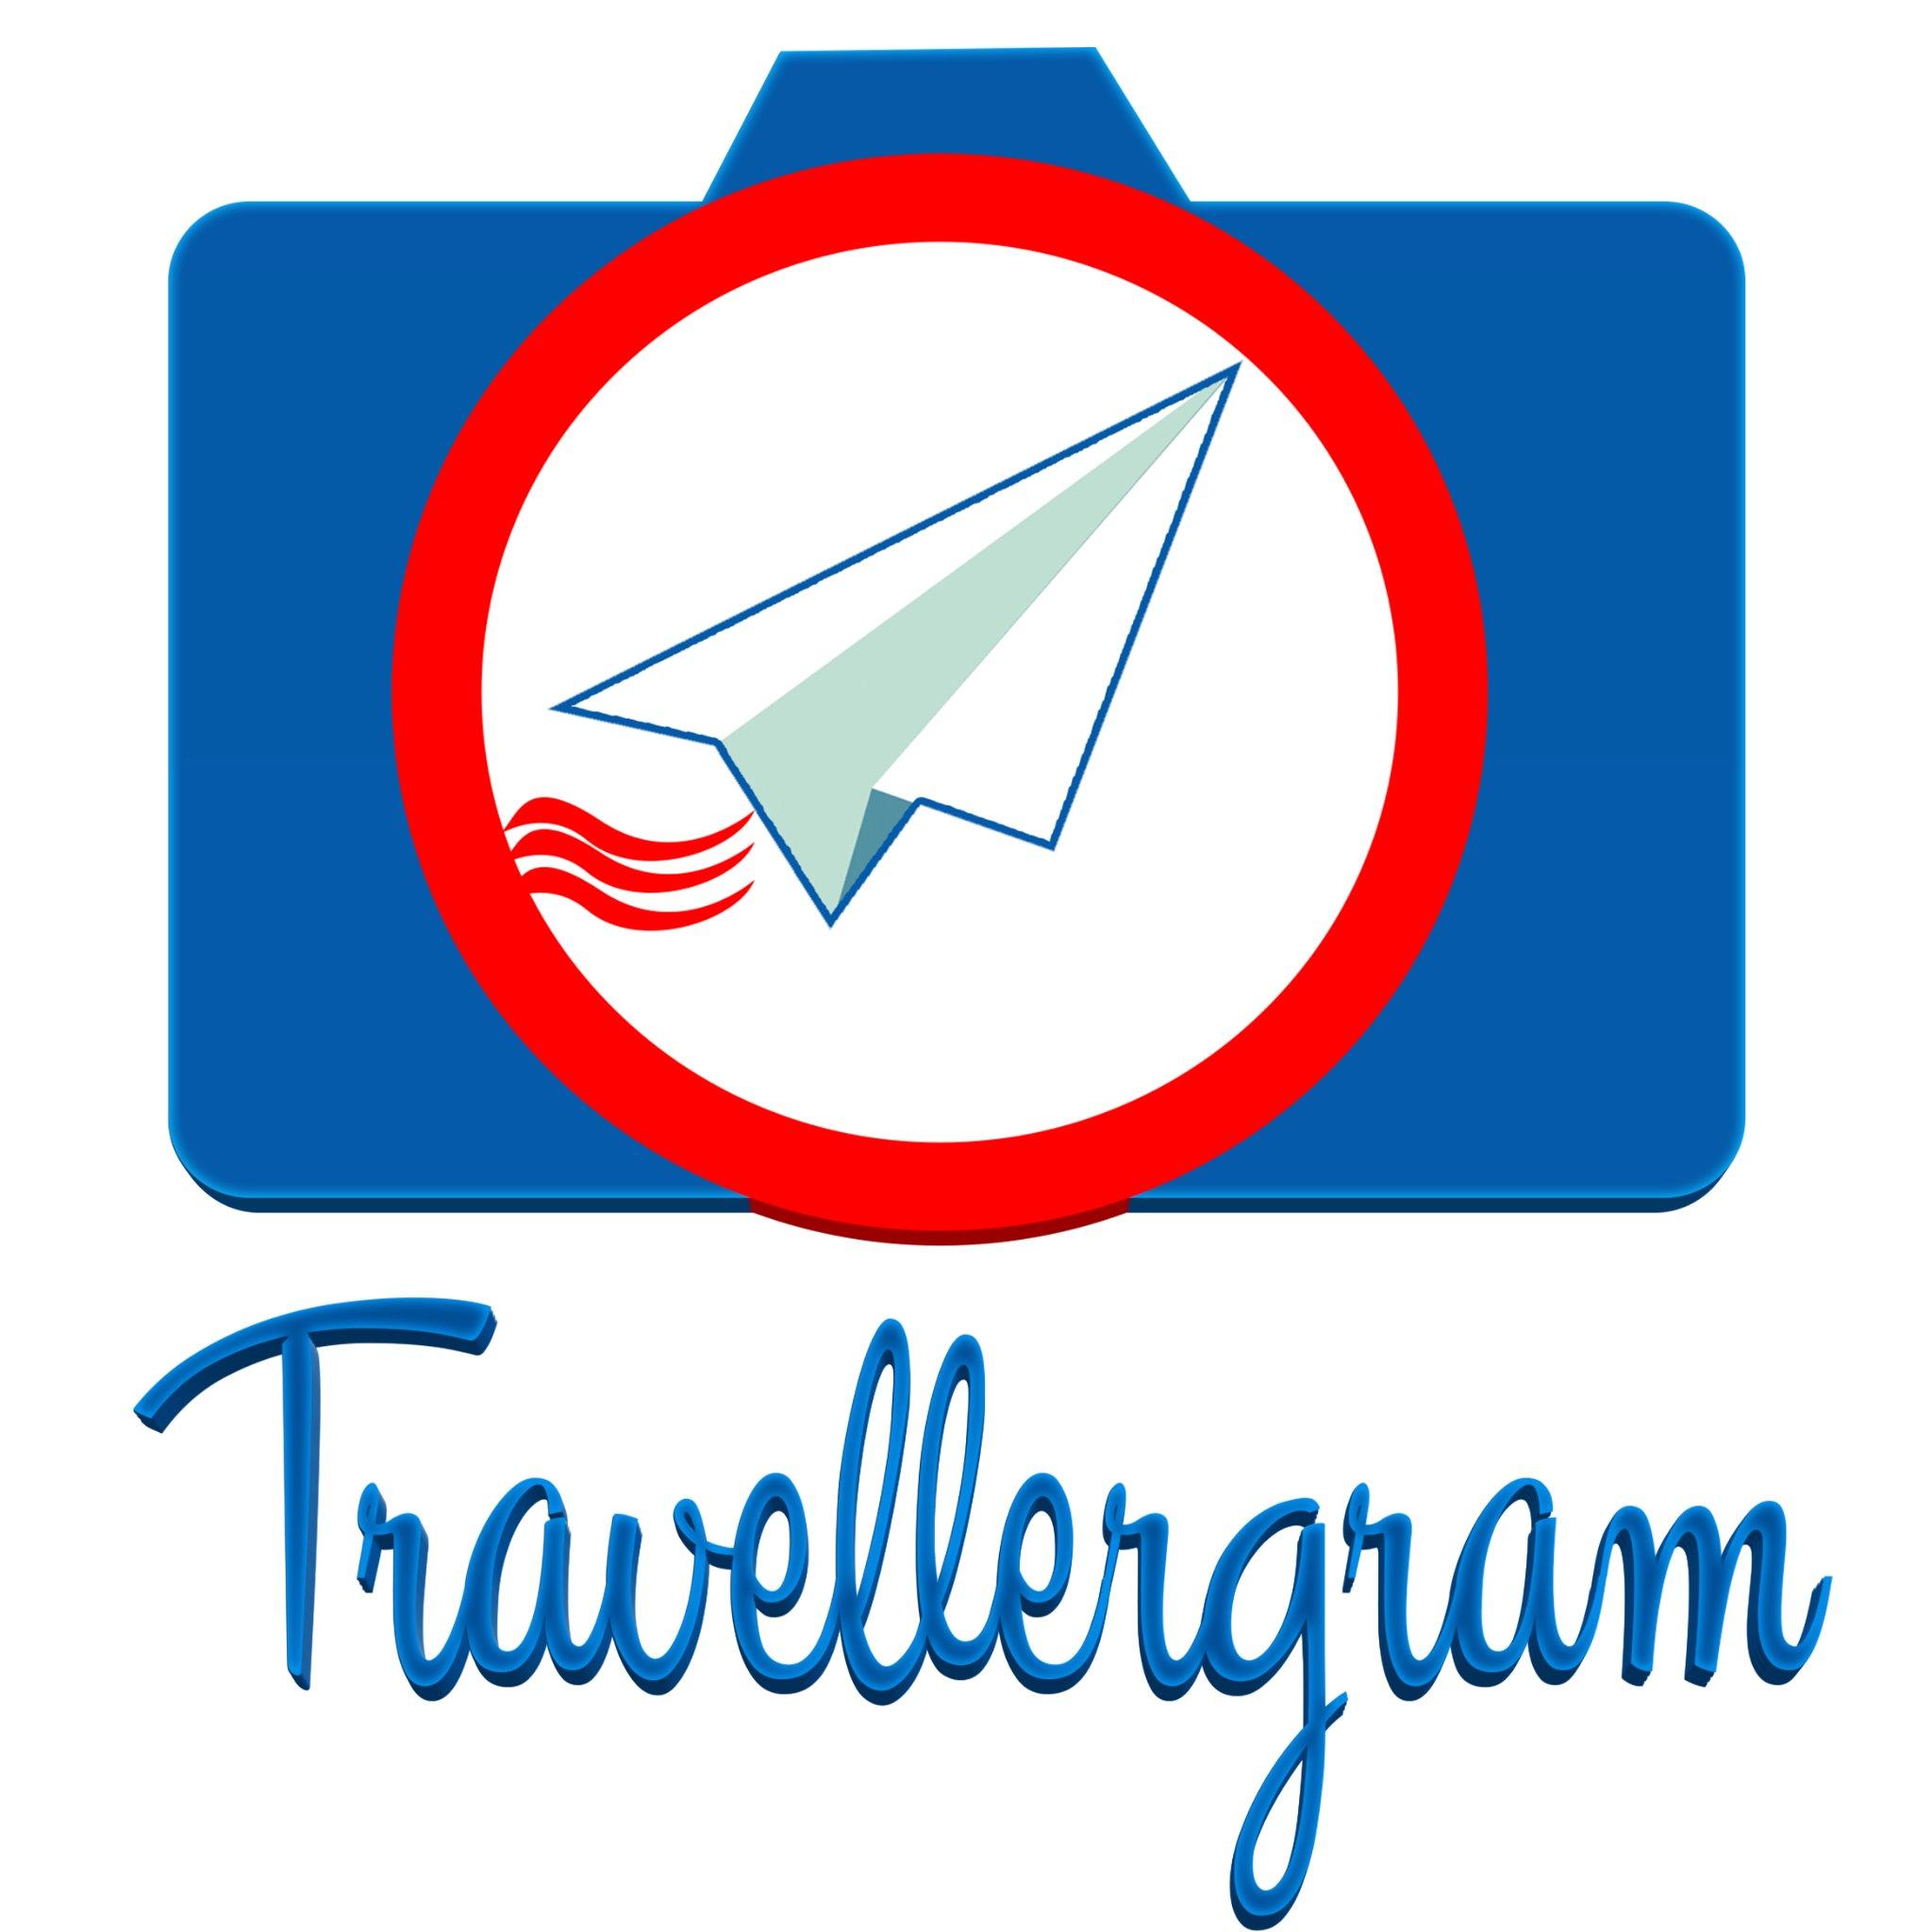 Travellergram